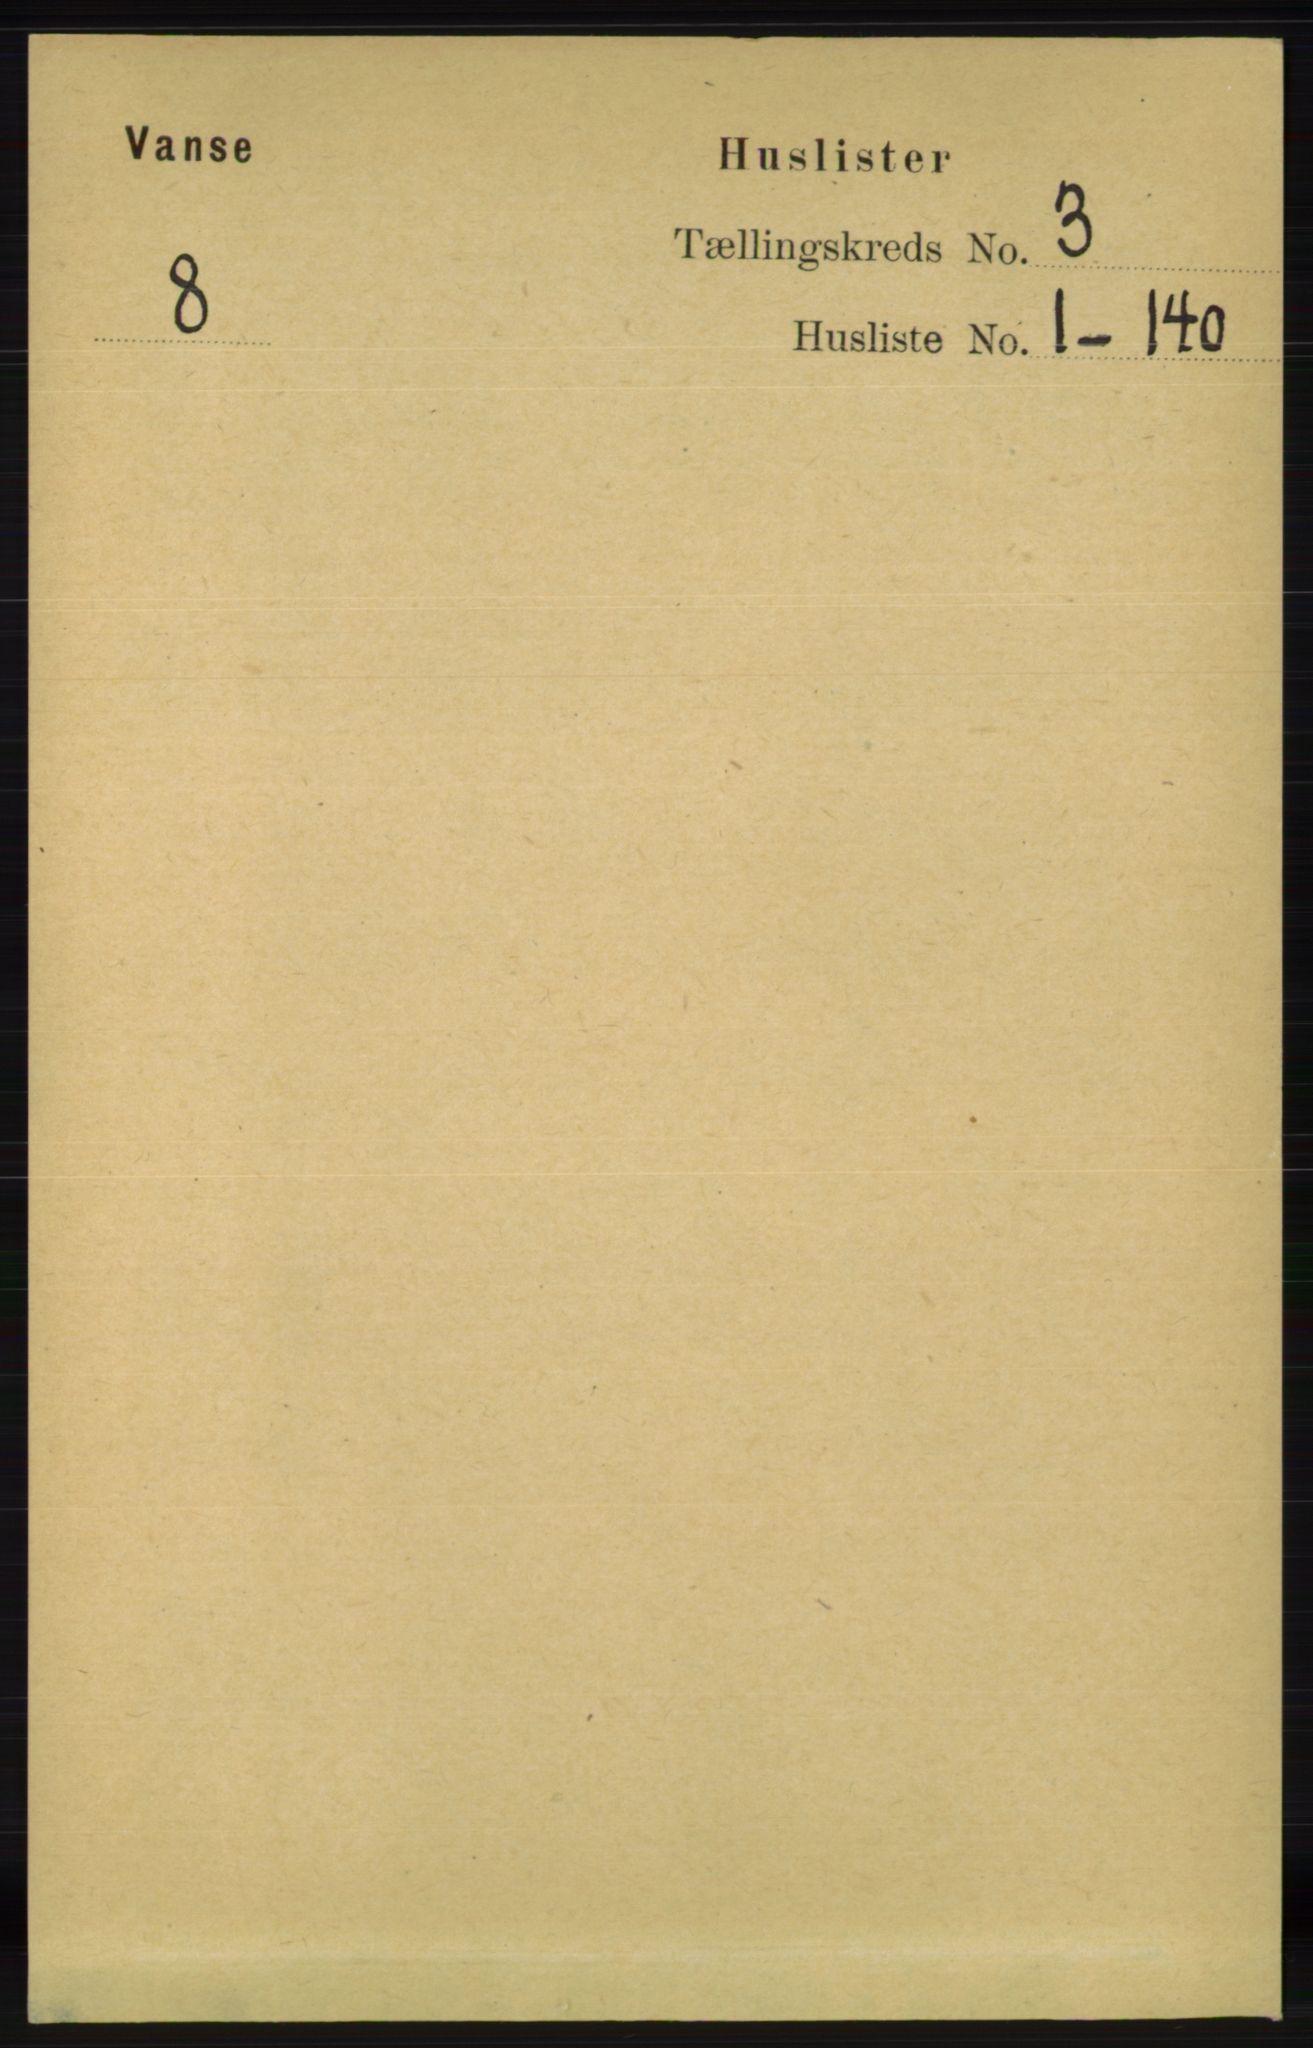 RA, Folketelling 1891 for 1041 Vanse herred, 1891, s. 1257